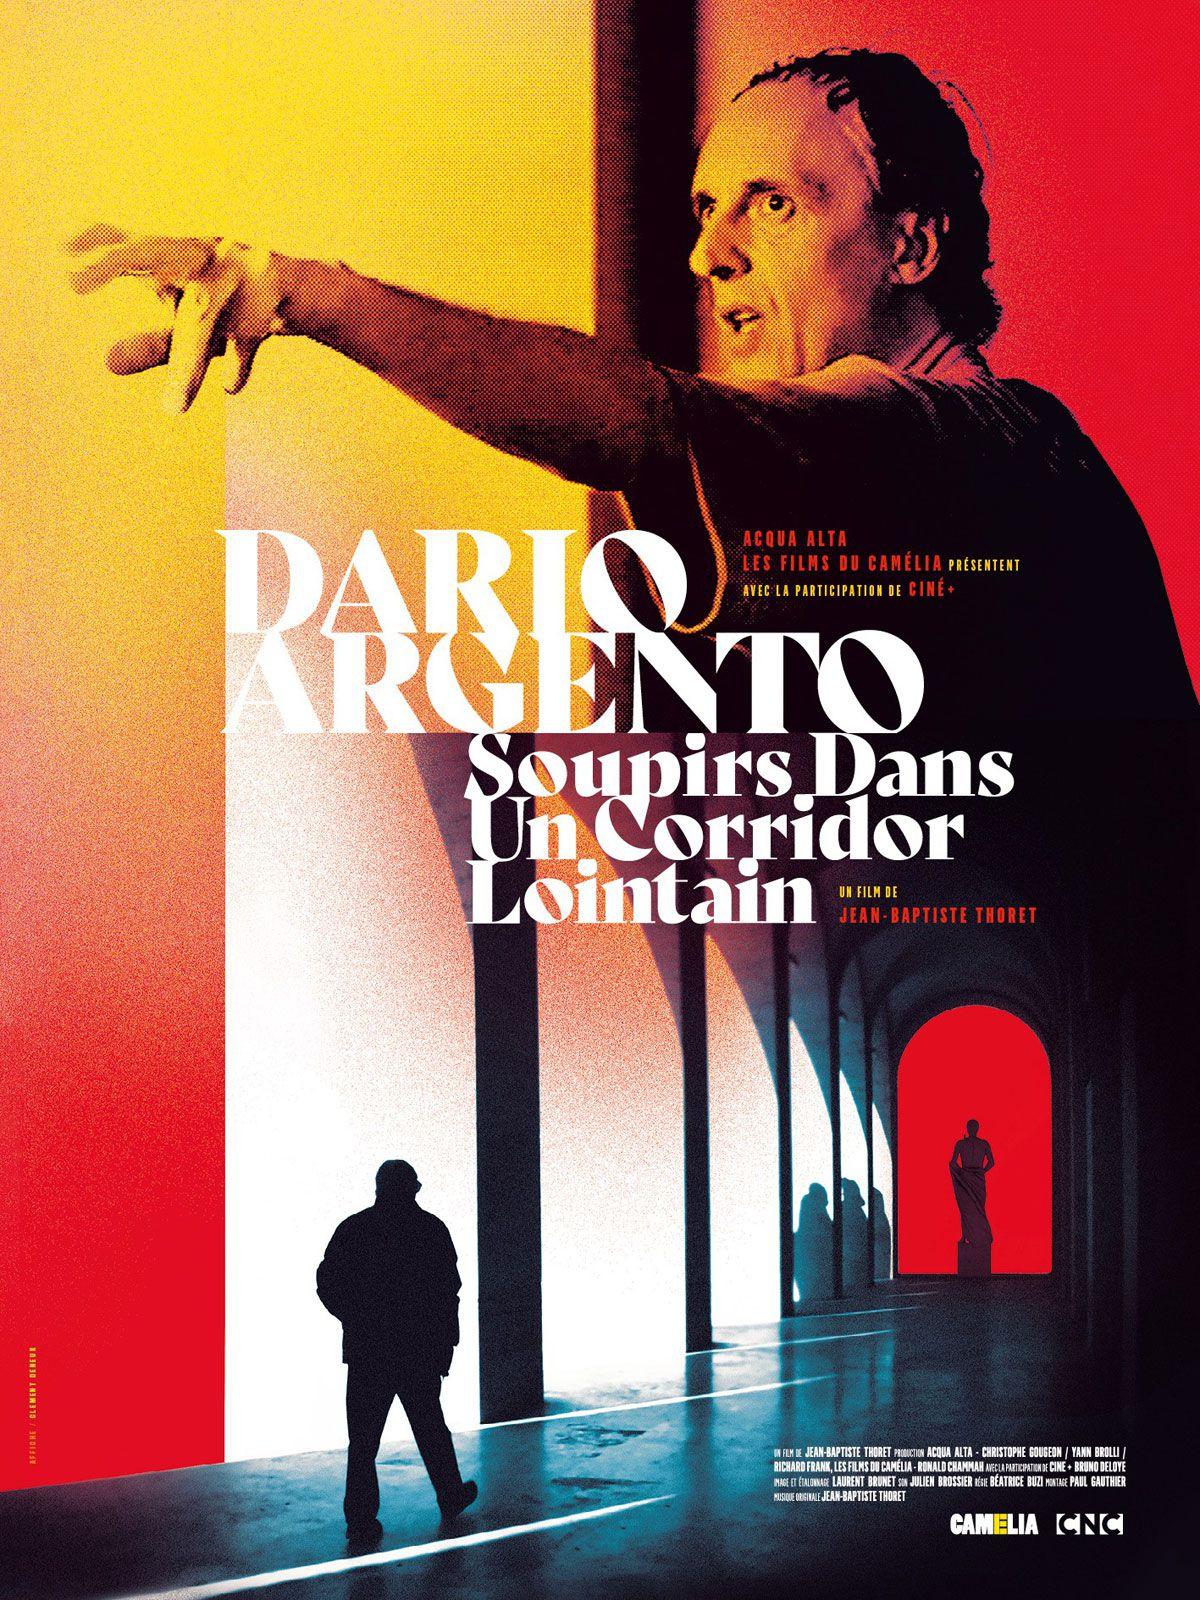 Dario Argento - Soupirs dans un corridor lointain - Documentaire (2019)